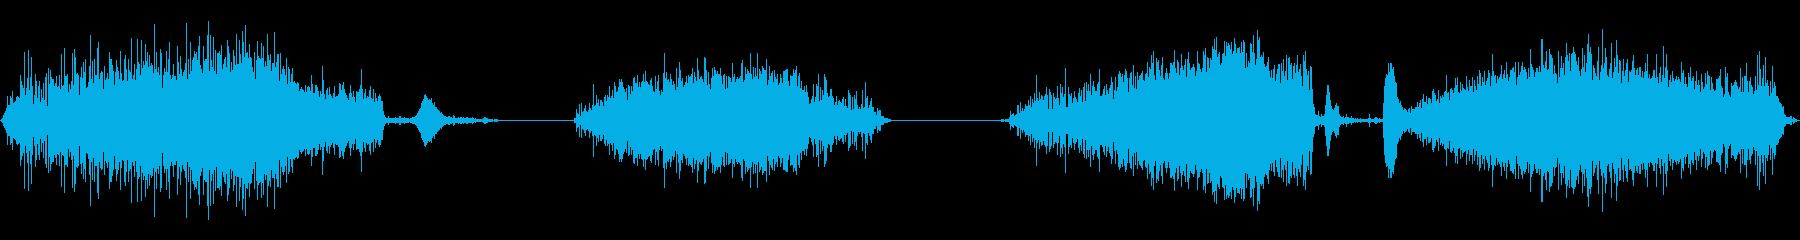 赤ちゃんハゲタカの巣でシューという音の再生済みの波形